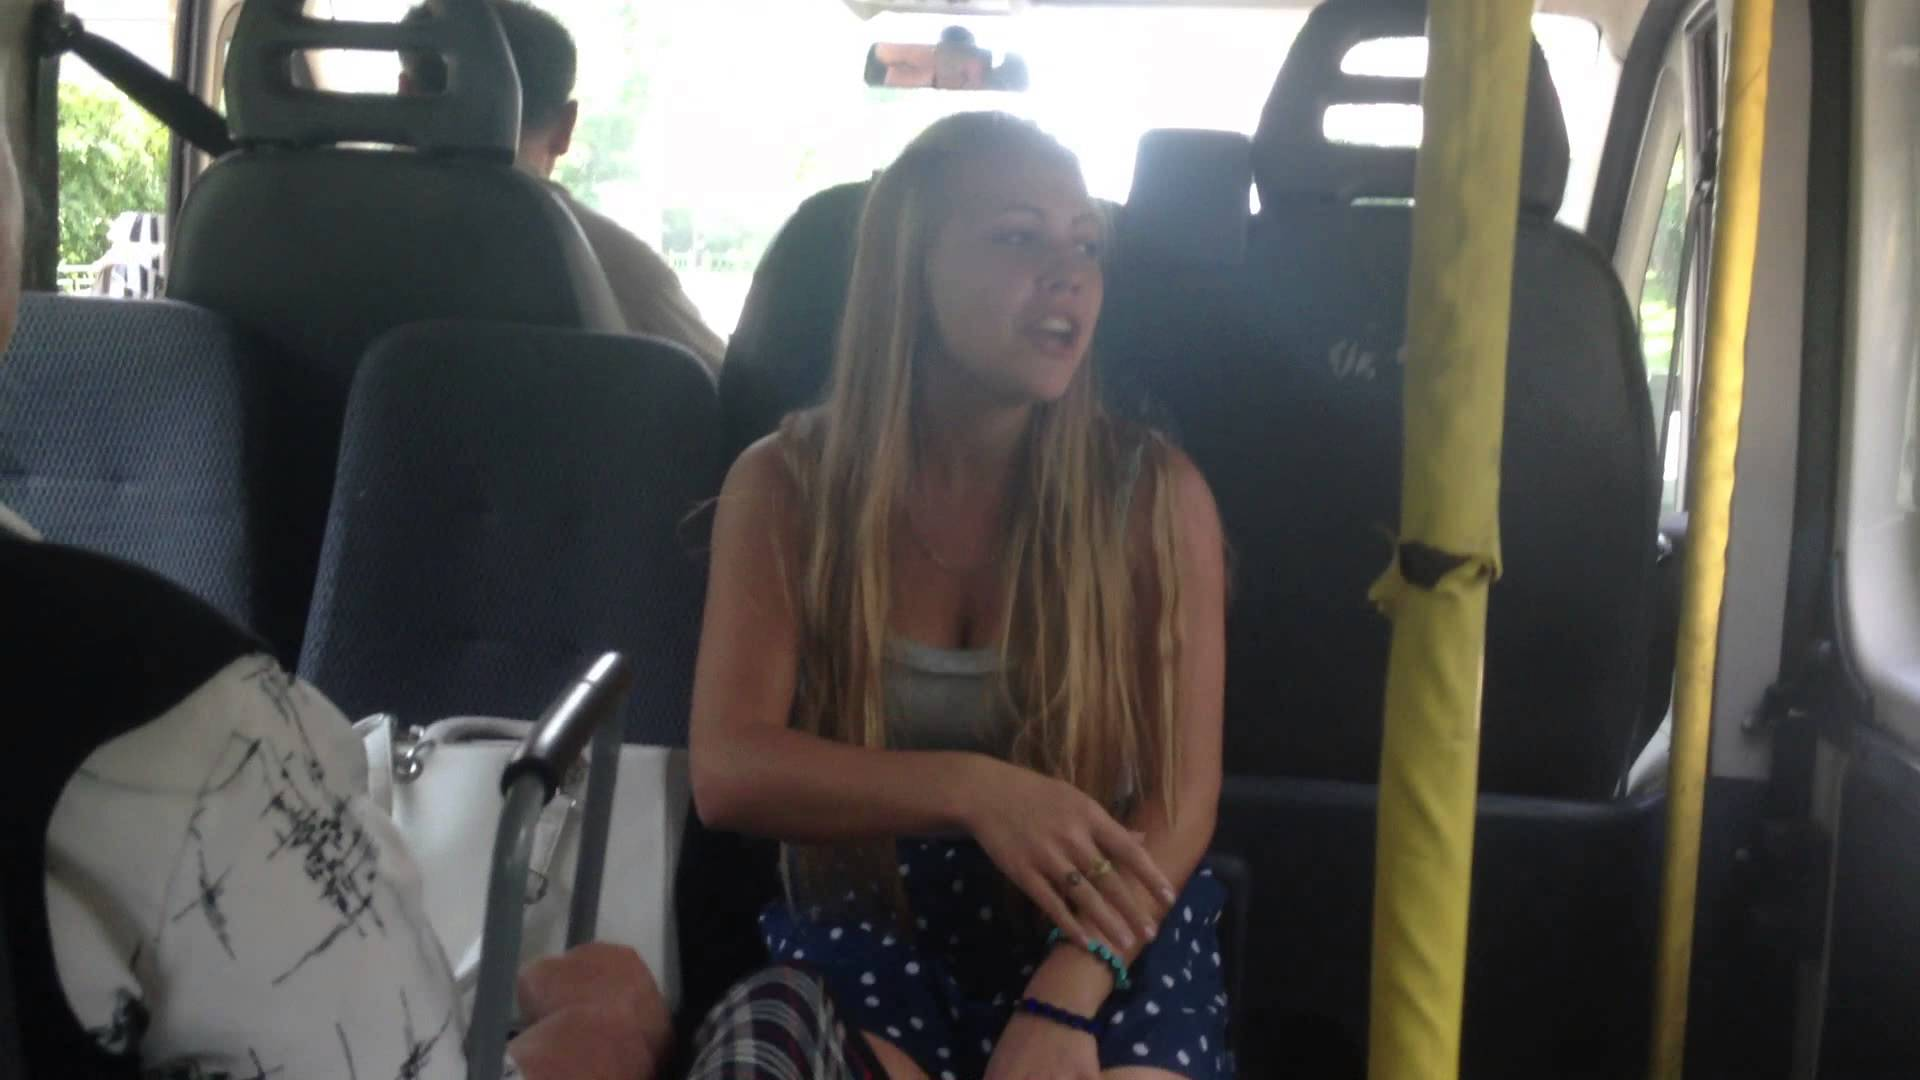 Рассказы в автобусе секс, Случайный секс в автобусе Похожие Истории 18 фотография